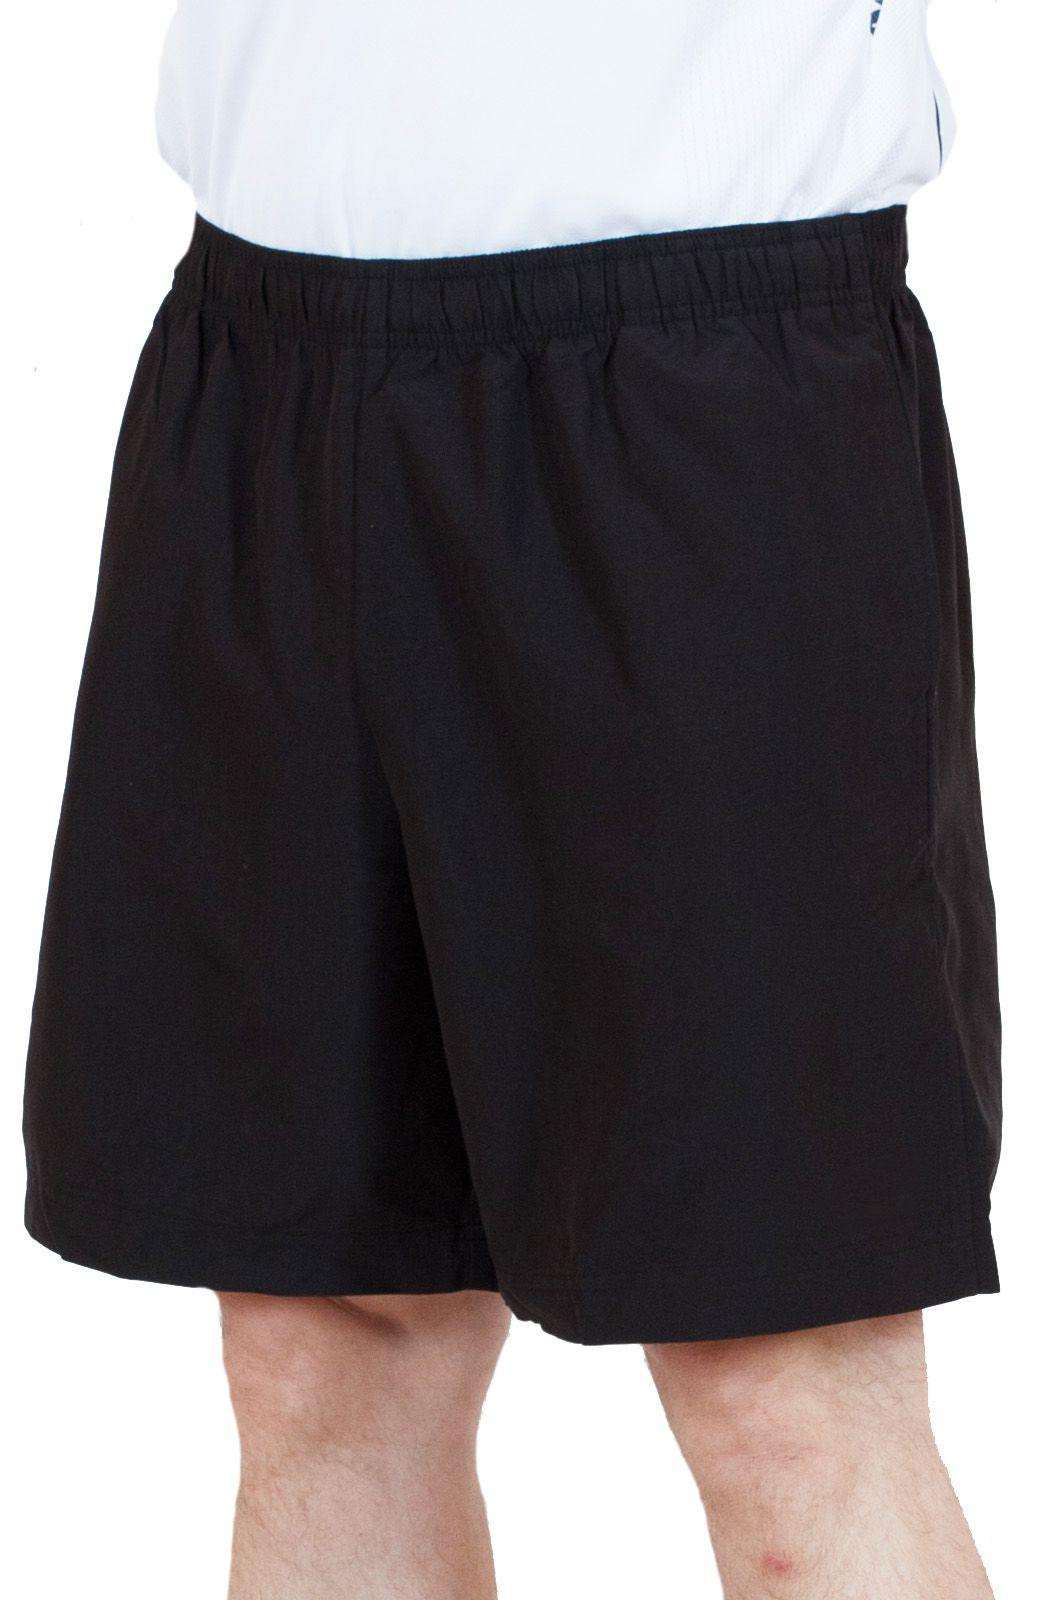 Черные мужские шорты спортивного стиля